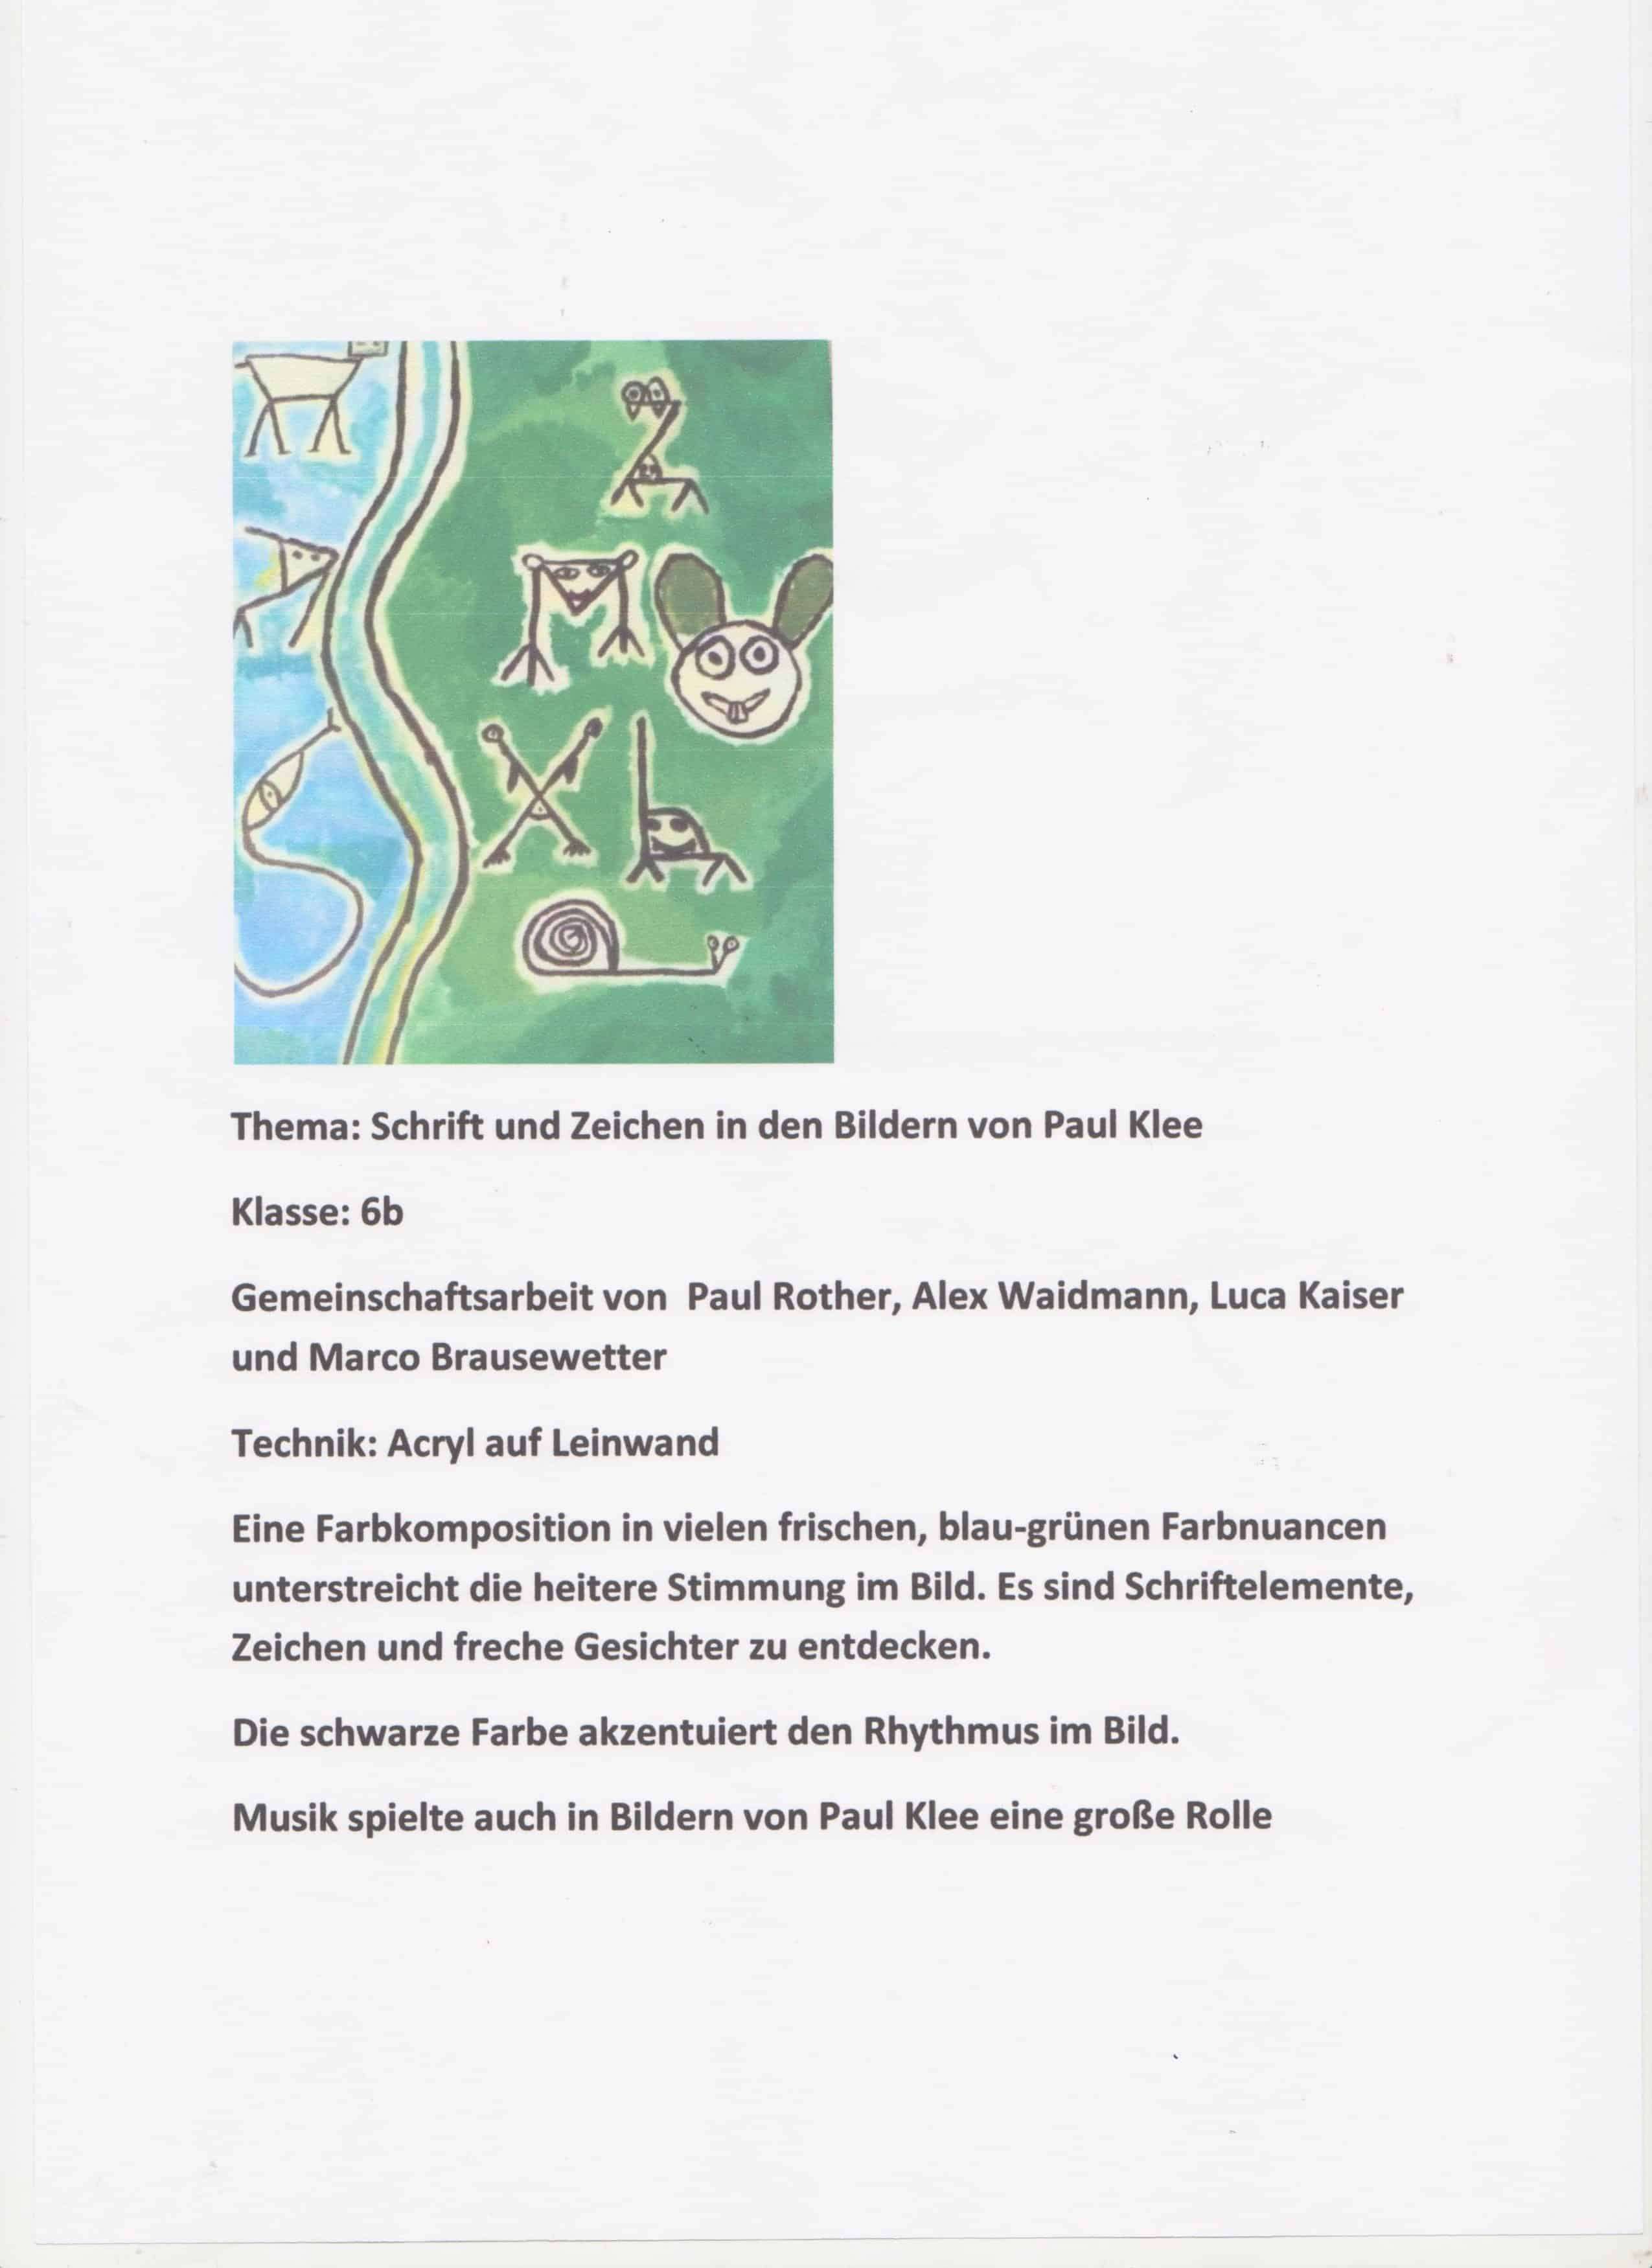 Schrift Und Zeichen In Den Bildern Von Paul Klee – Bilder In Acryl